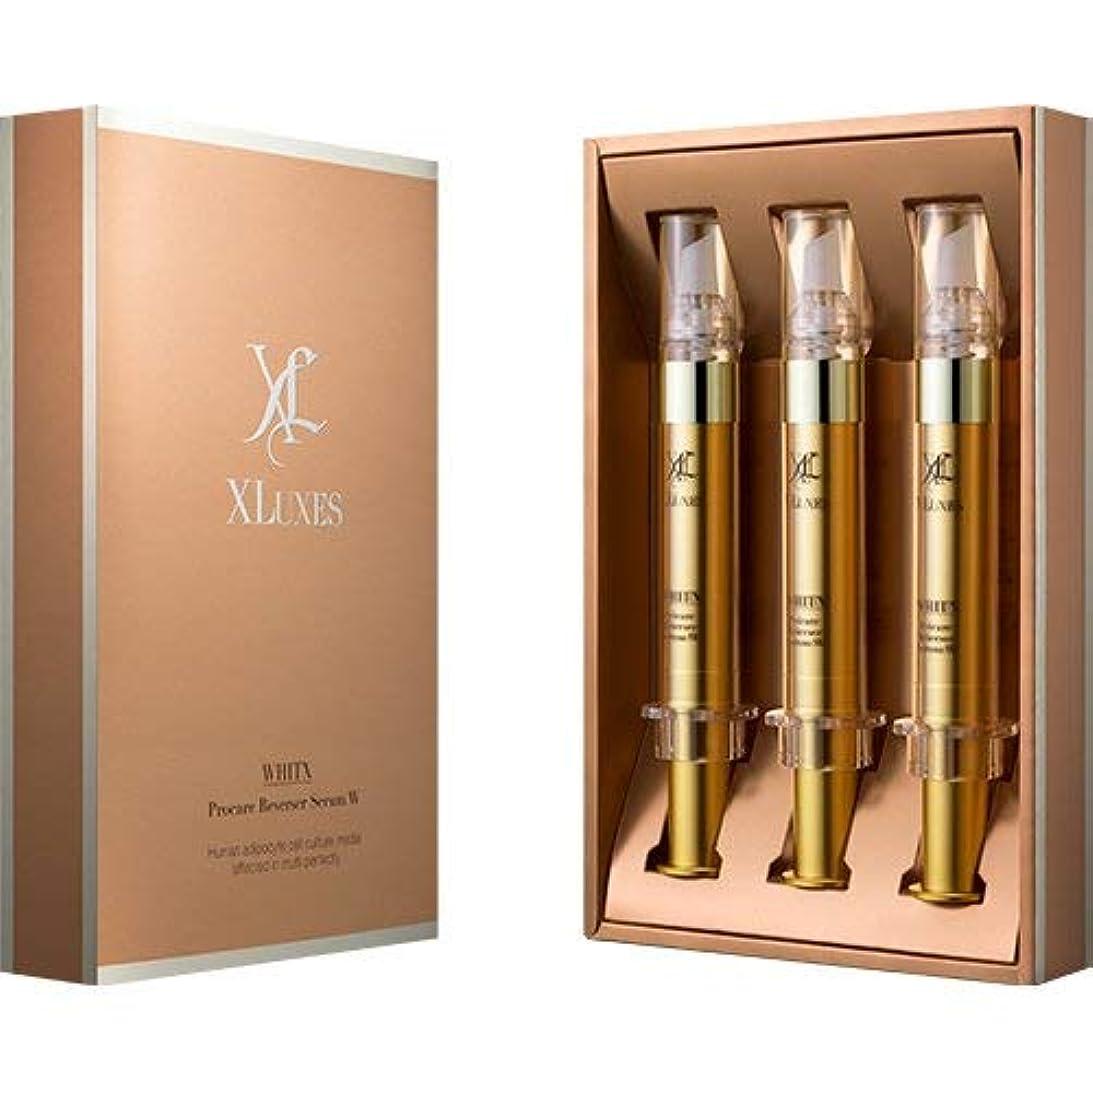 アサート降雨愛XLUXES 美容液 [ヒト幹細胞 培養液配合] プロケア リバーサーセラムW (10mL×3本入)